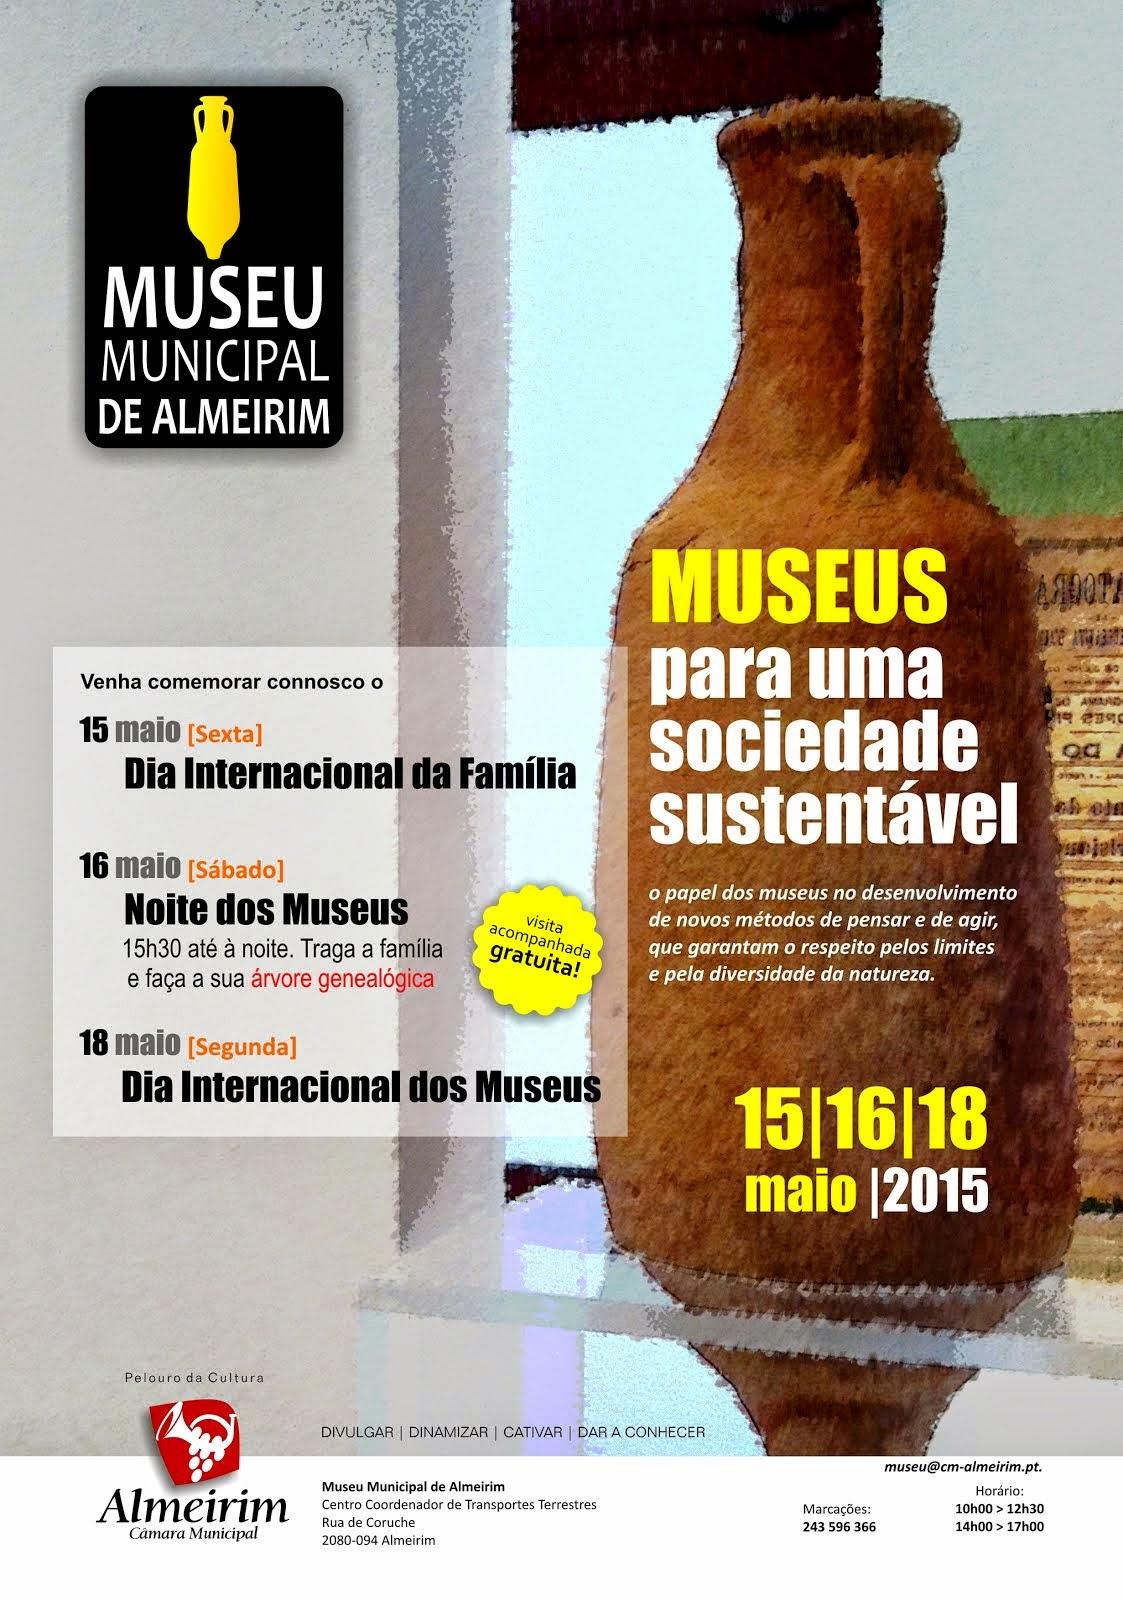 Dia Internacional da Família - Noite dos Museus - Dia Internacional dos Museus